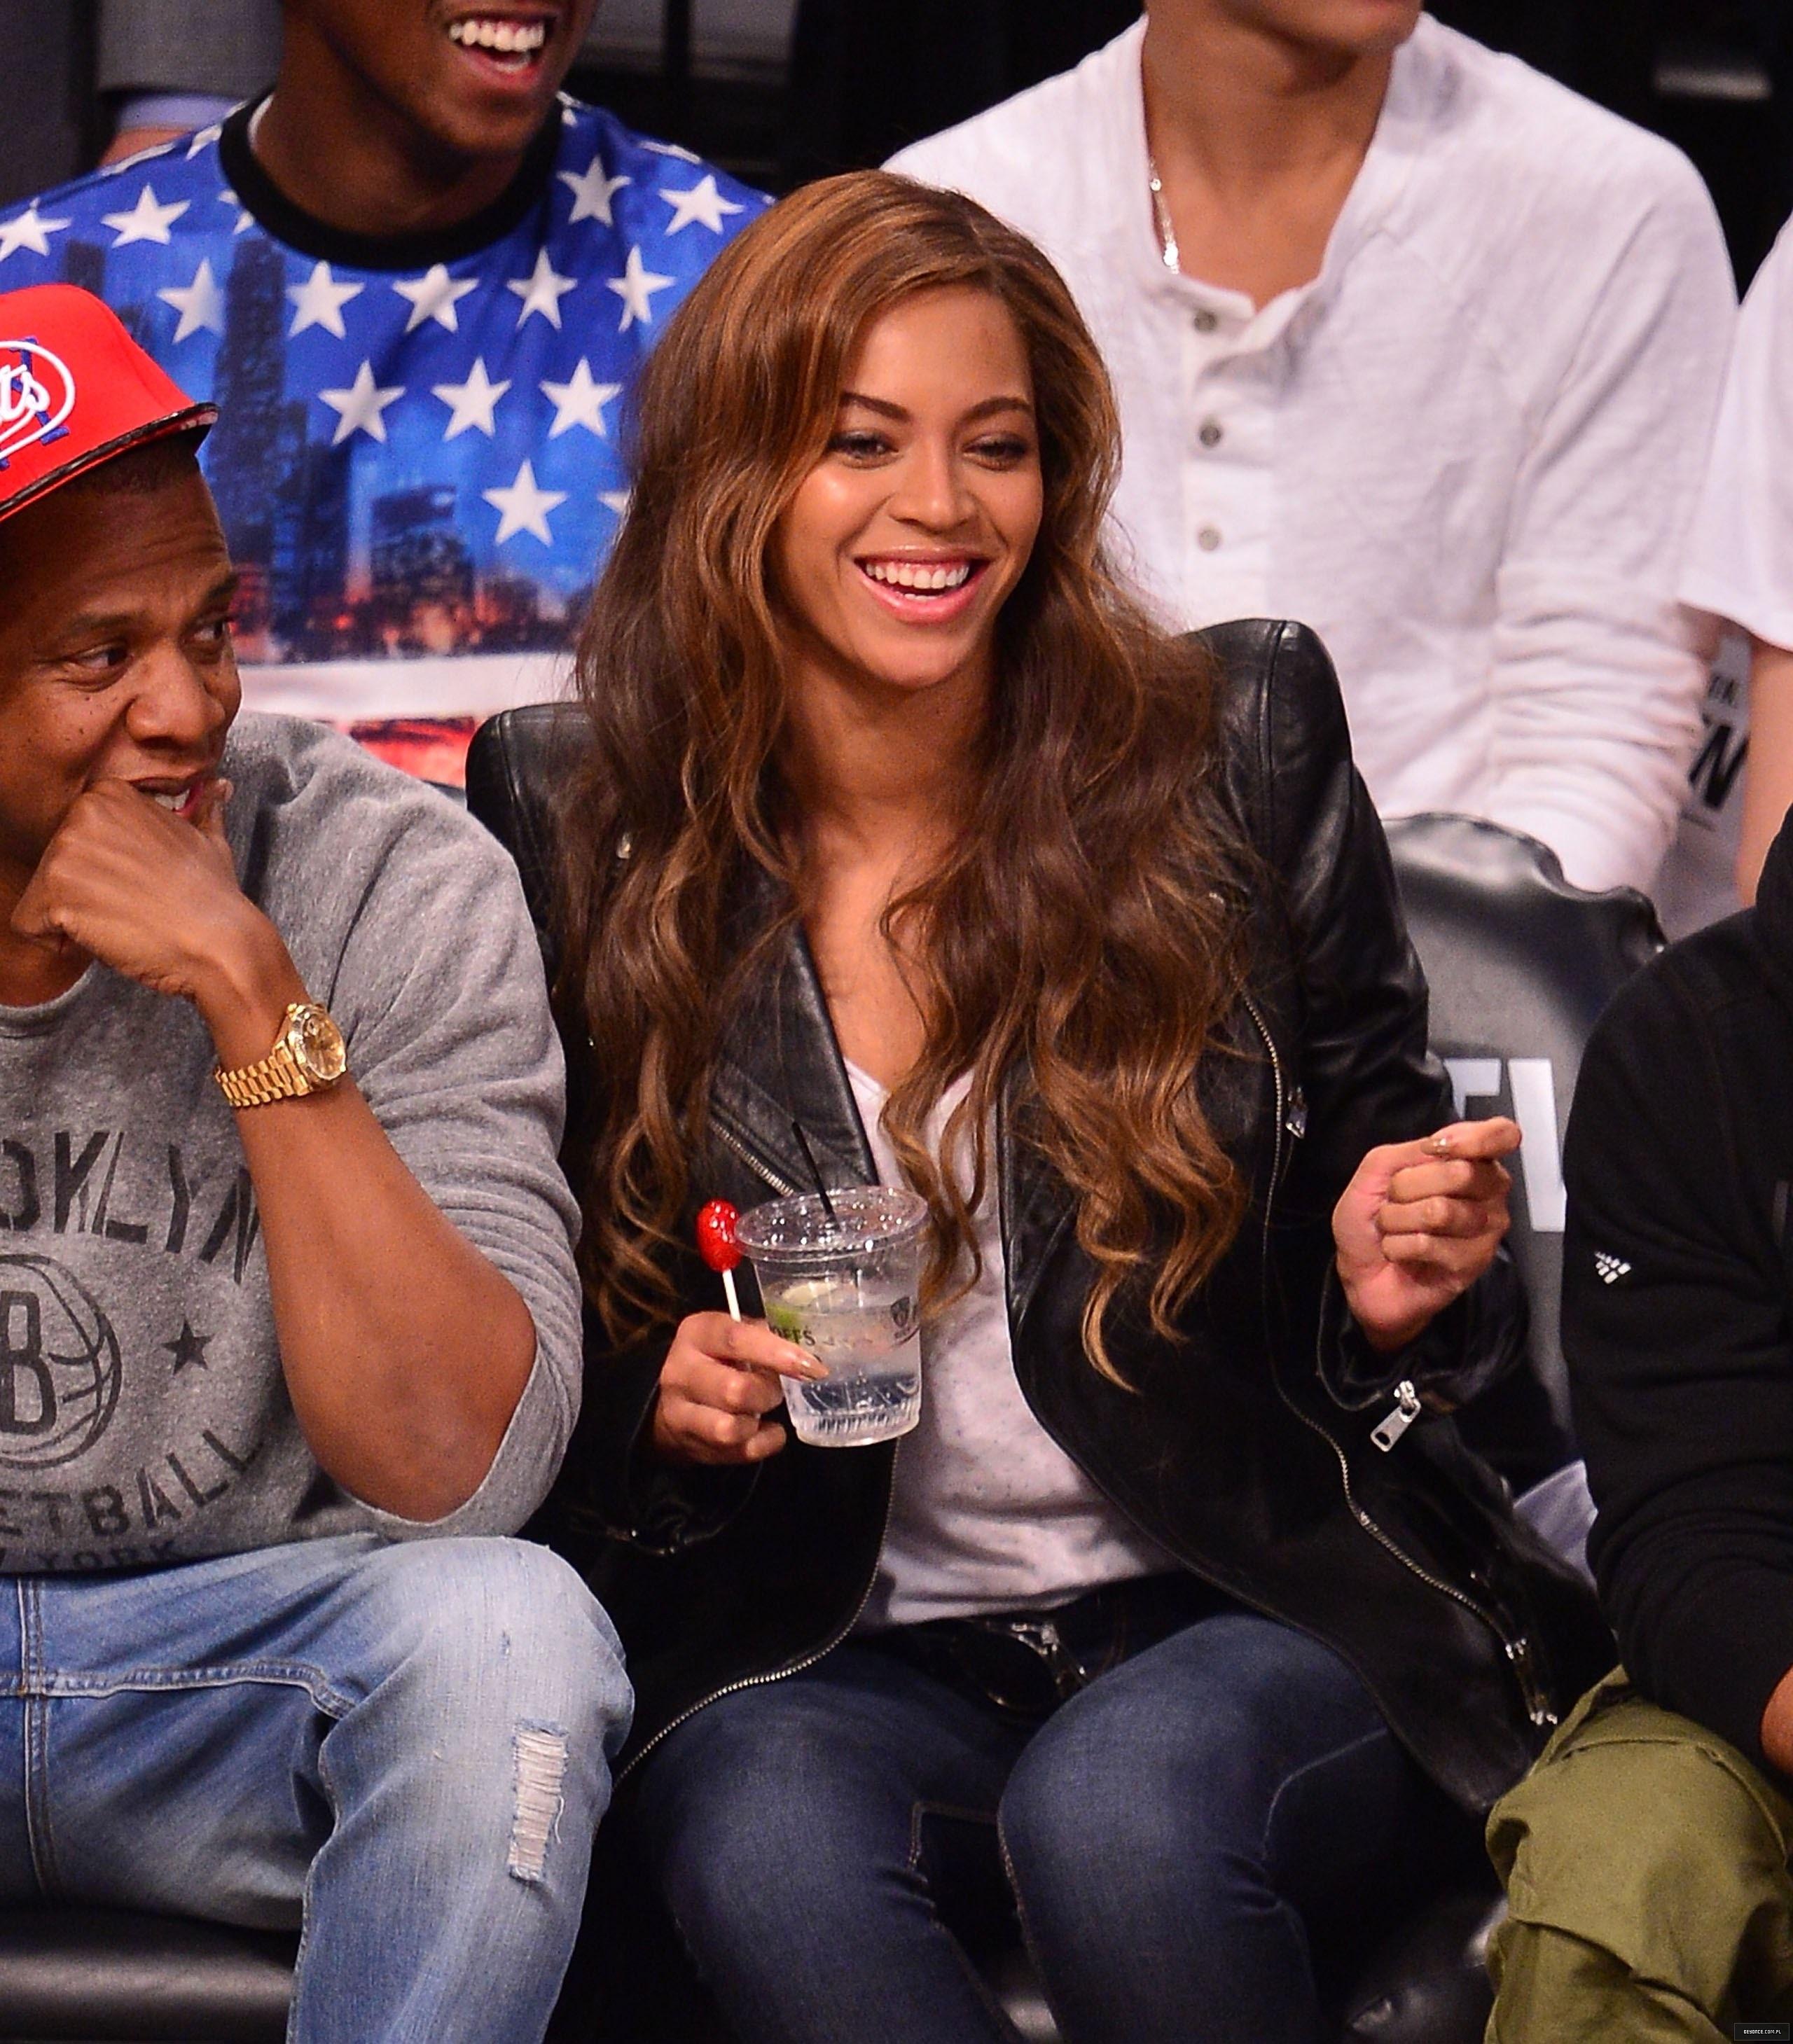 Beyoncé > Apariciones en público <Candids> [III] - Página 25 Toronto-brooklyn_game3_15